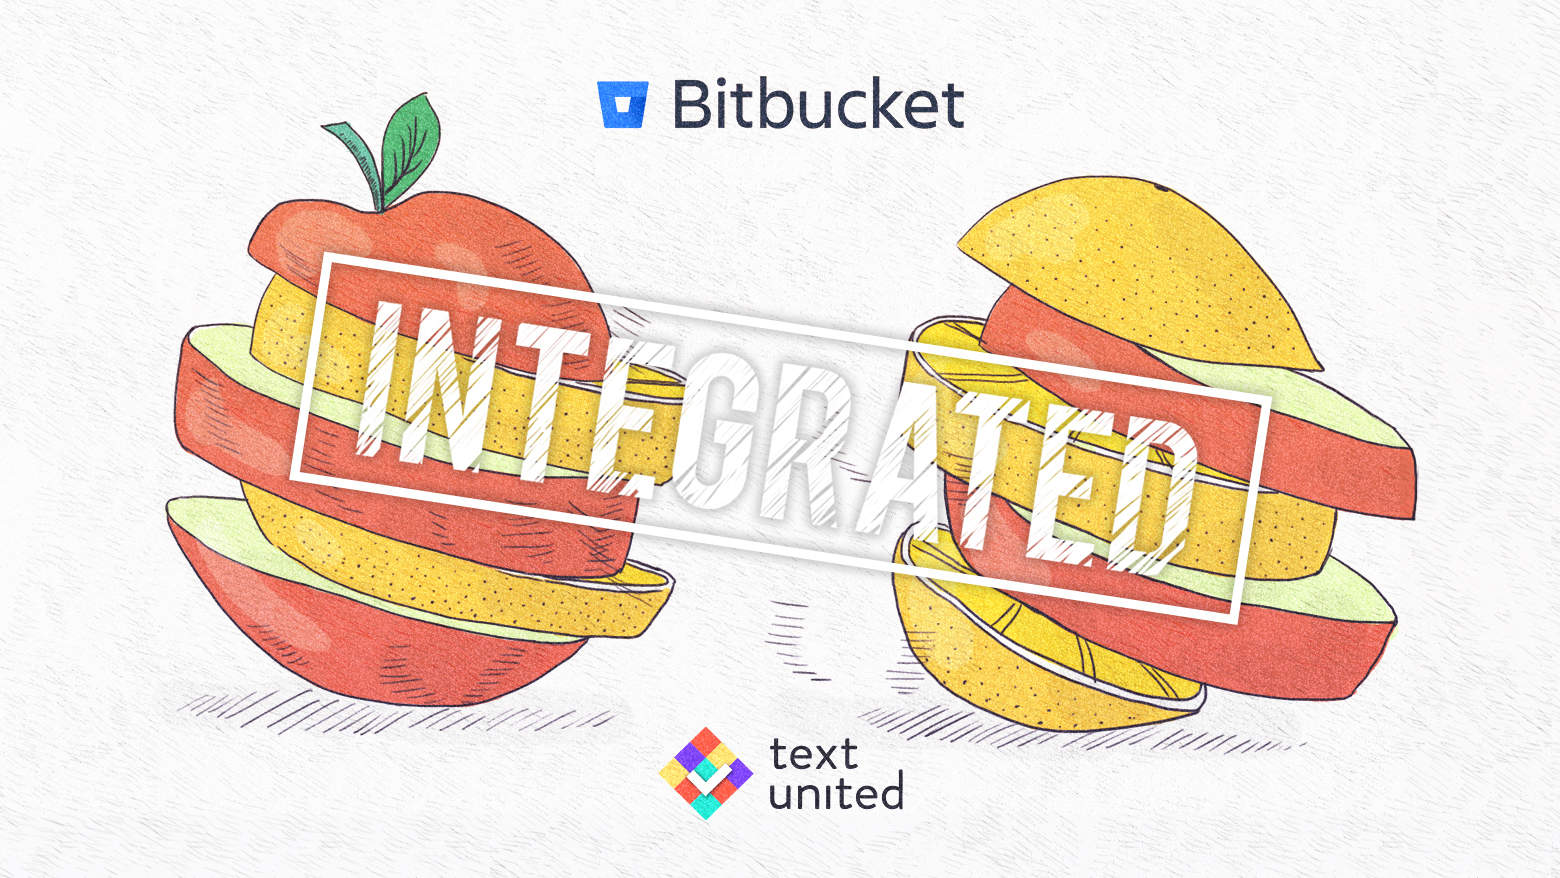 New Language Translation Management in Bitbucket